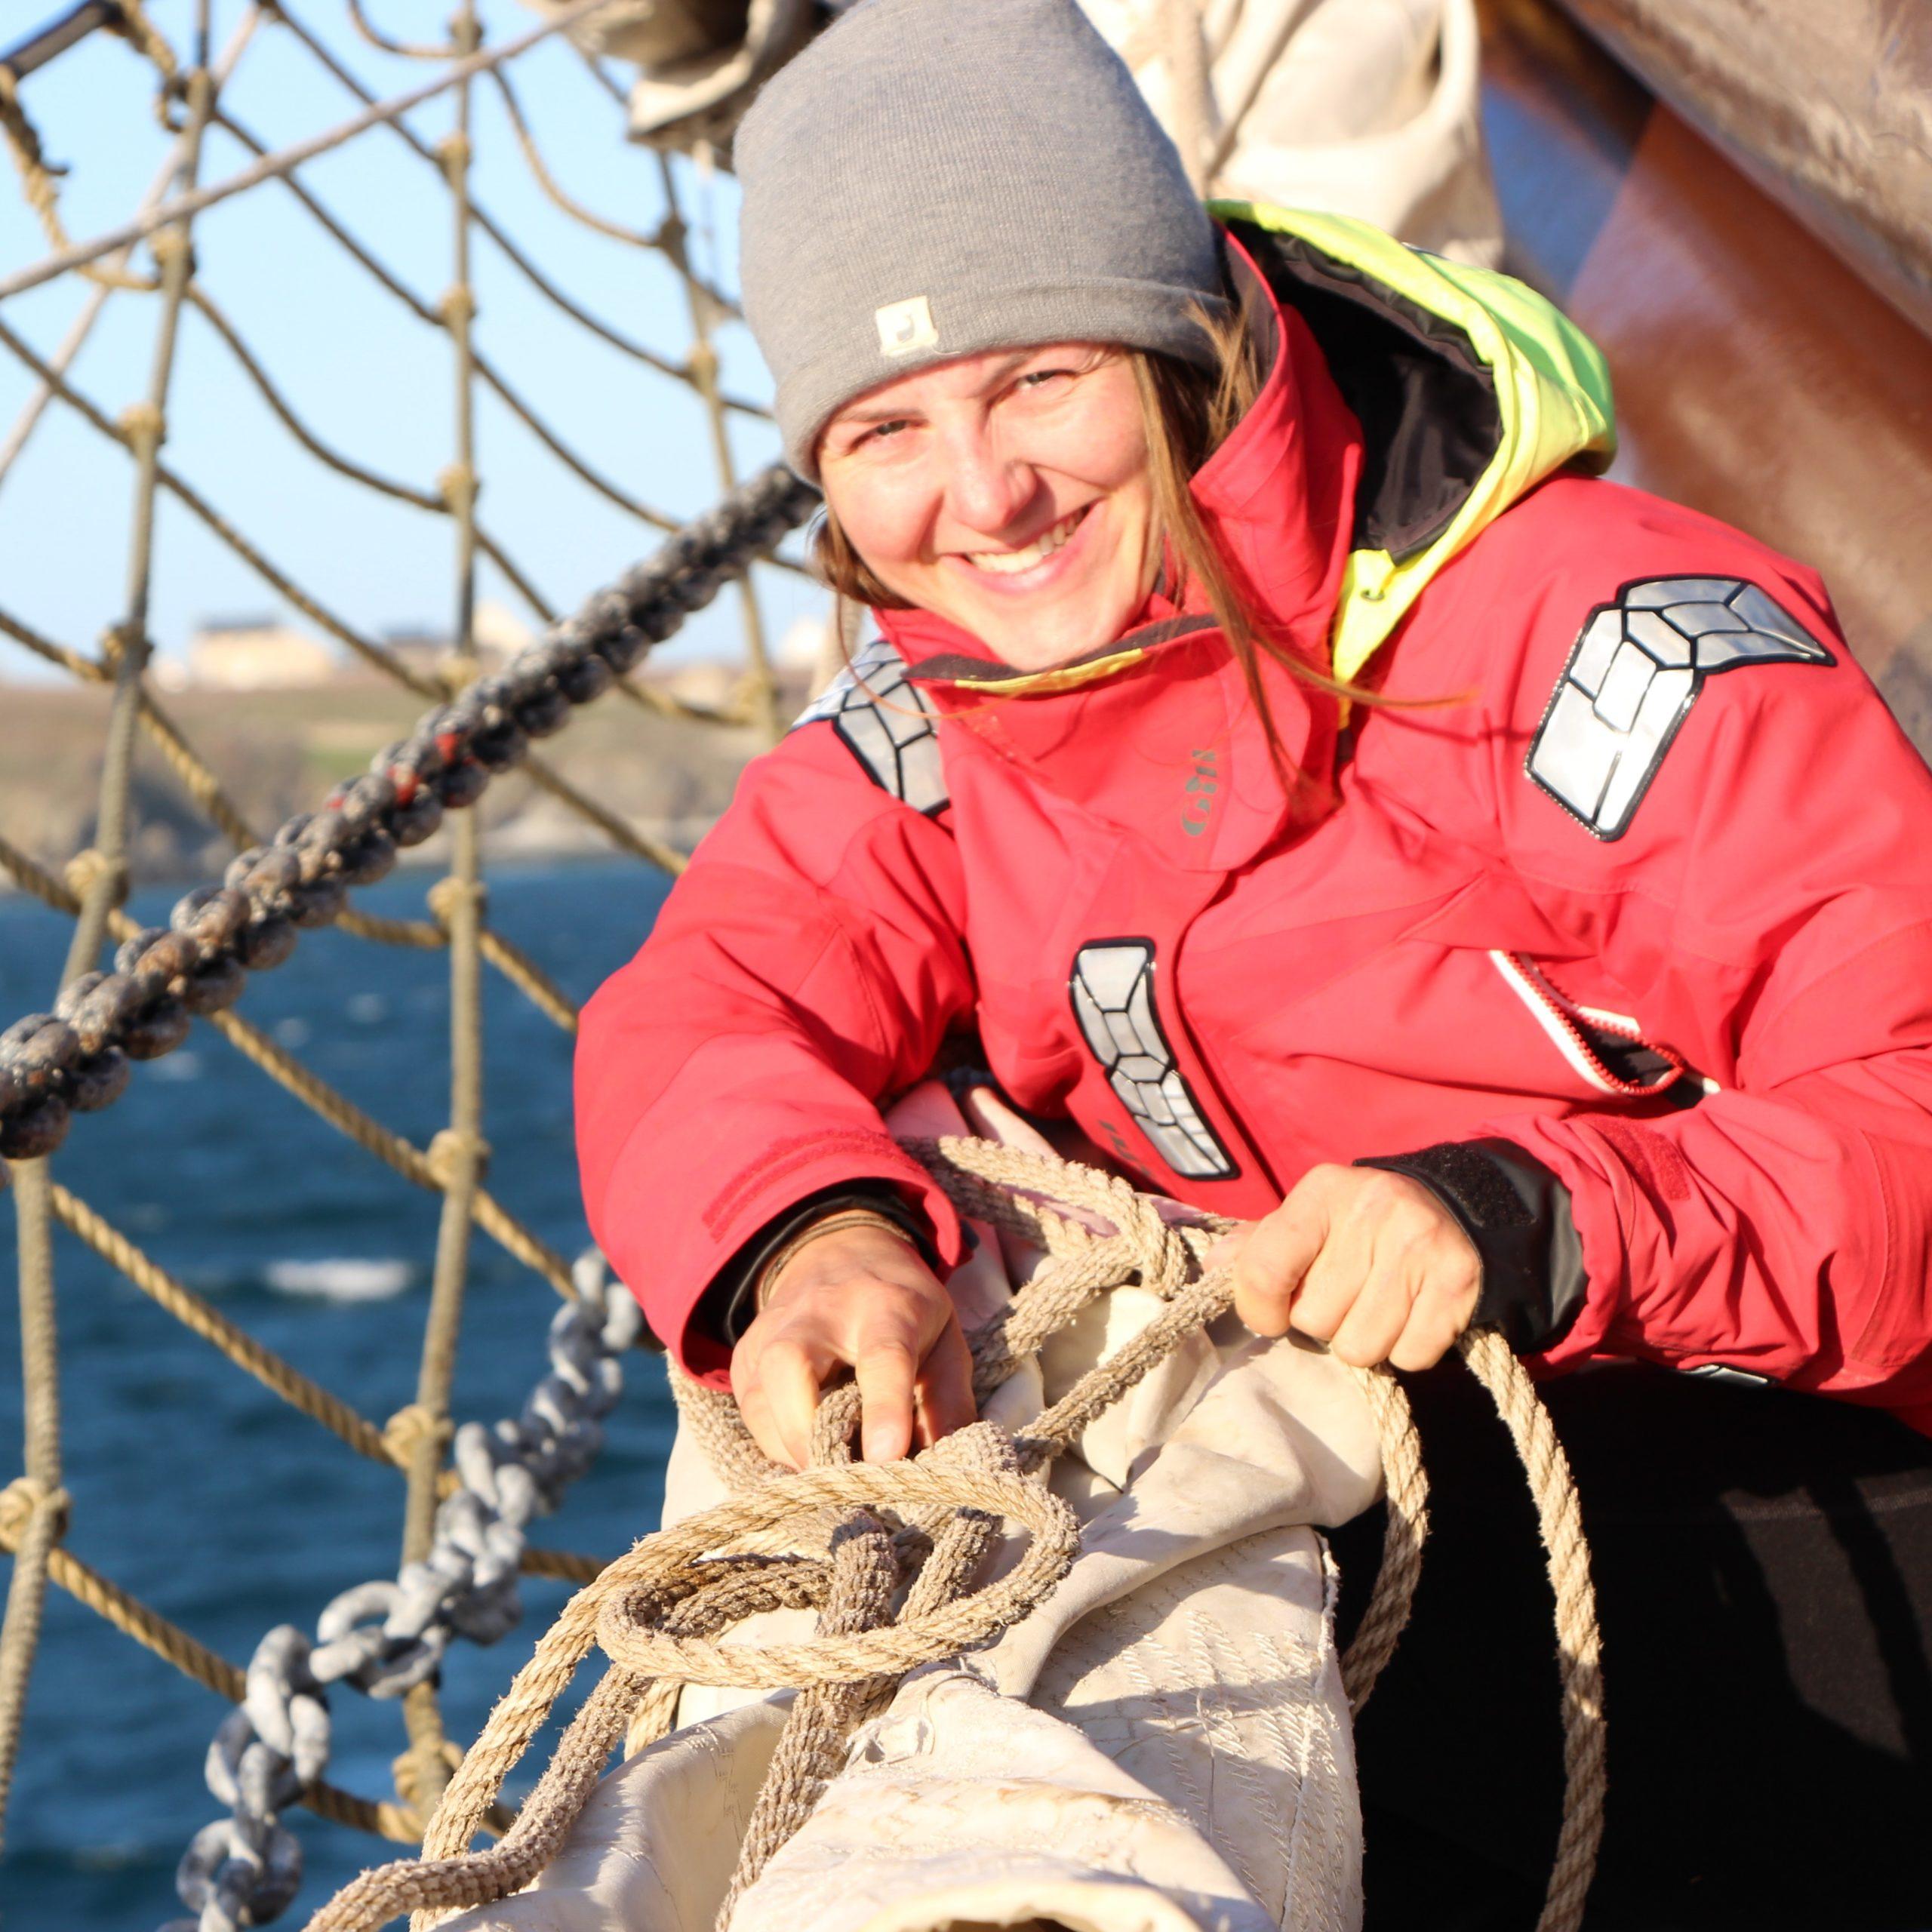 Clara von Glasow (Germany)